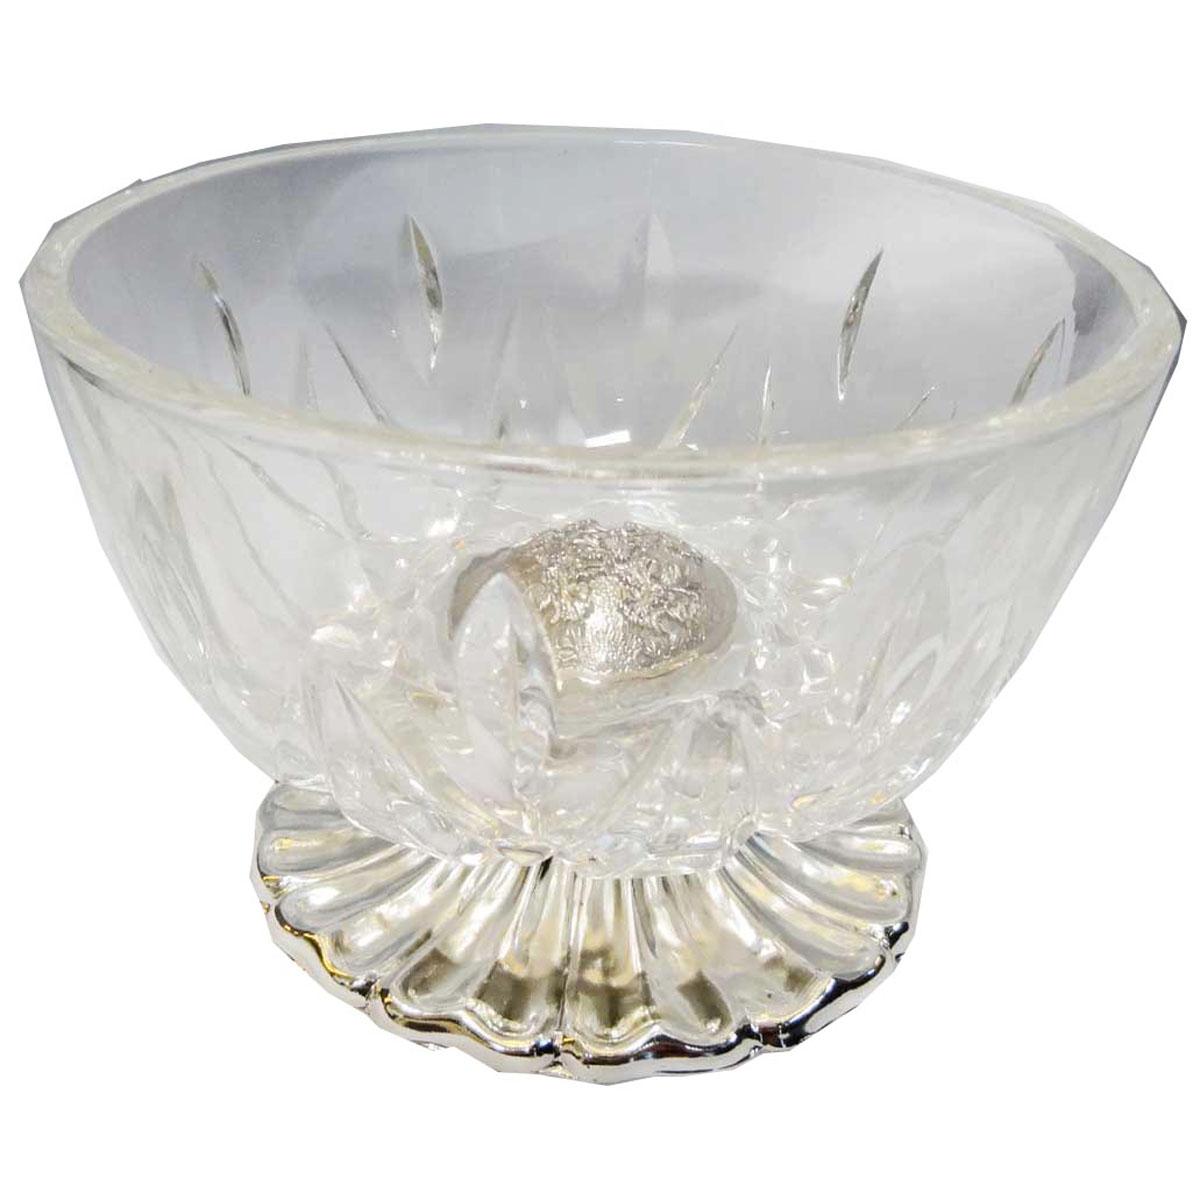 Ваза универсальная Marquis, высота 8,5 смVT-1520(SR)Универсальная ваза Marquis выполнена из прочного стекла с рельефным узором и стали с серебряно-никелевым покрытием. Стальная подставка обеспечивает устойчивость вазы.Посуда может использоваться как конфетница, салатник, для подачи порционных блюд.Выполненная под старину, такая ваза придется по вкусу и ценителям классики, и тем, кто предпочитает утонченность и изысканность.Сервировка праздничного стола вазой Marquis станет великолепным украшением любого торжества. Характеристики:Материал: сталь, серебряно-никелевое покрытие, стекло. Размер вазы (Д х Ш х В): 12 см х 12 см х 8,5 см. Размер упаковки: 9 см x 14 см x 14 см. Артикул: 7001-MR.